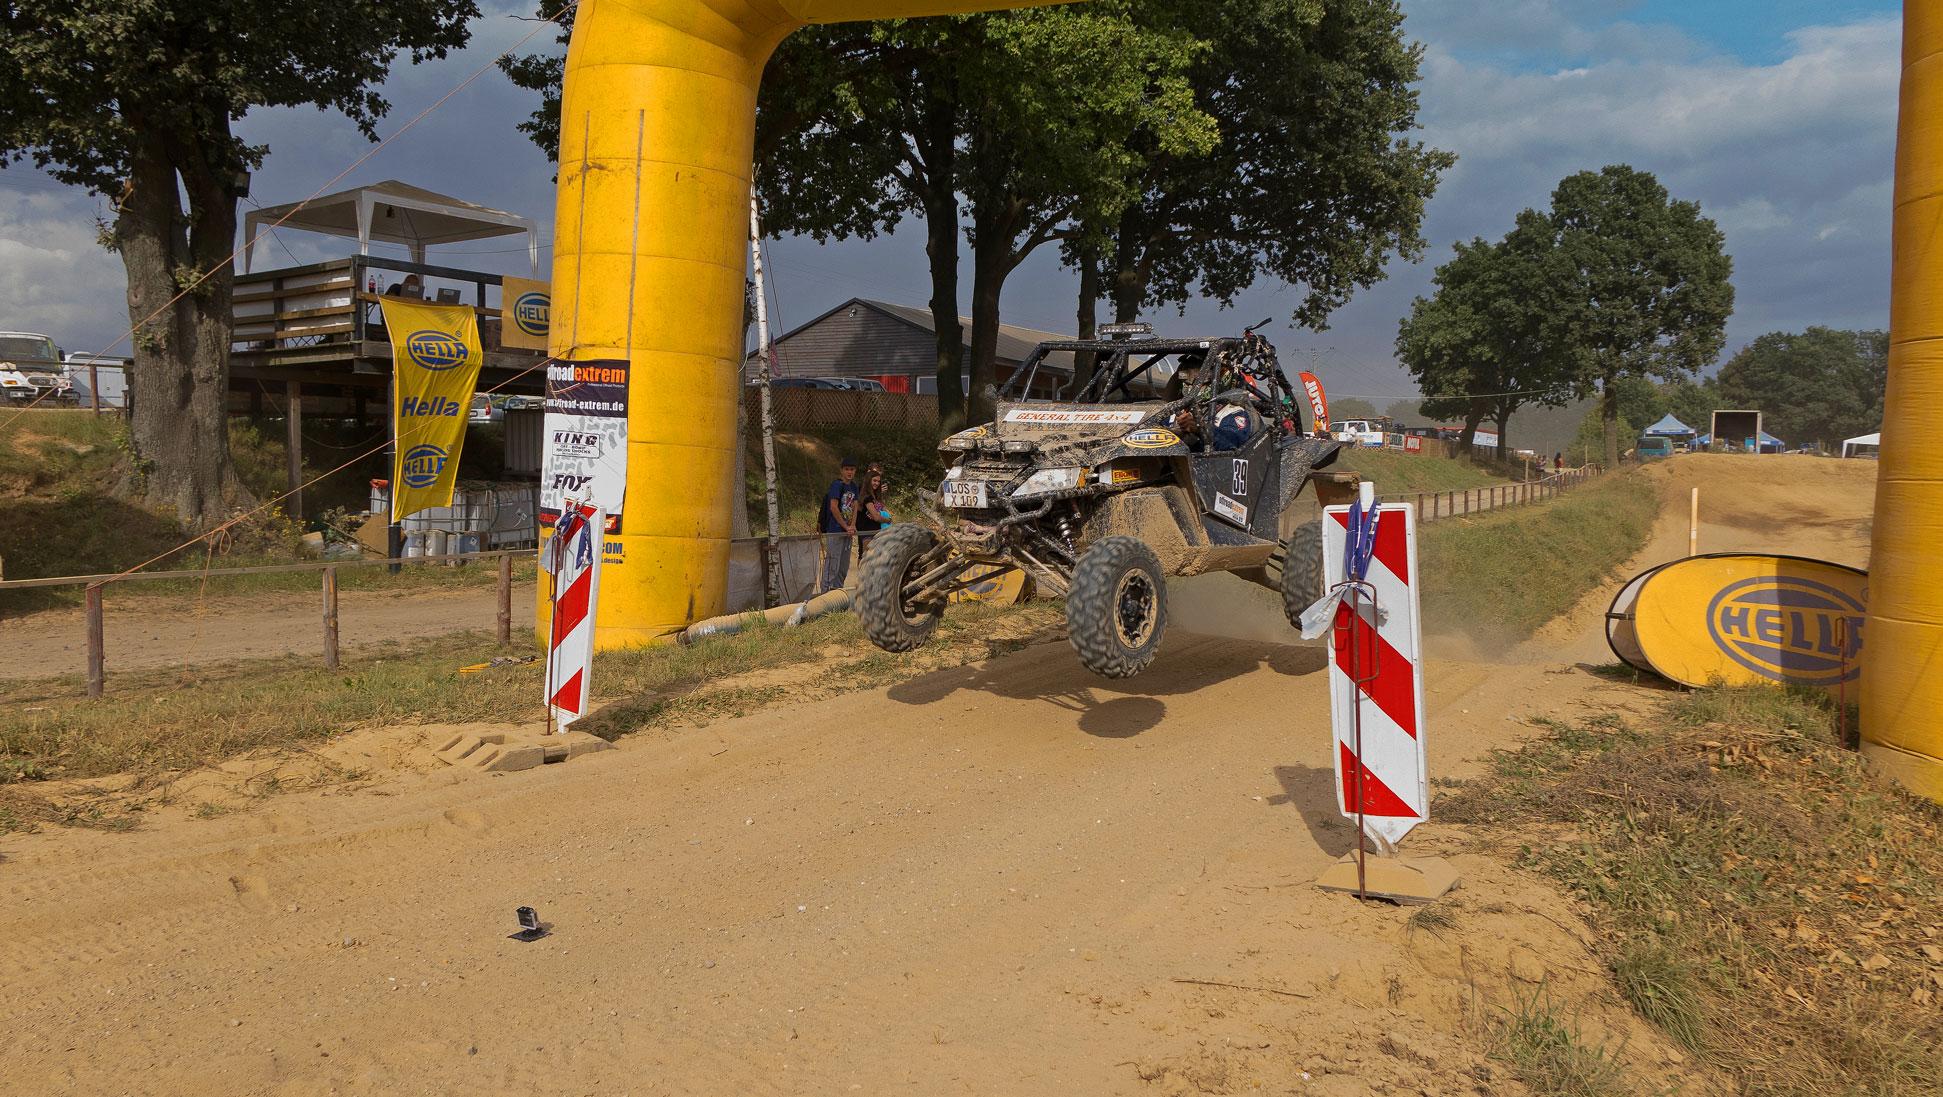 Zielsprung: Von der Marwitz hat sein Wunschergebnis nach 12 Stunden erreicht.